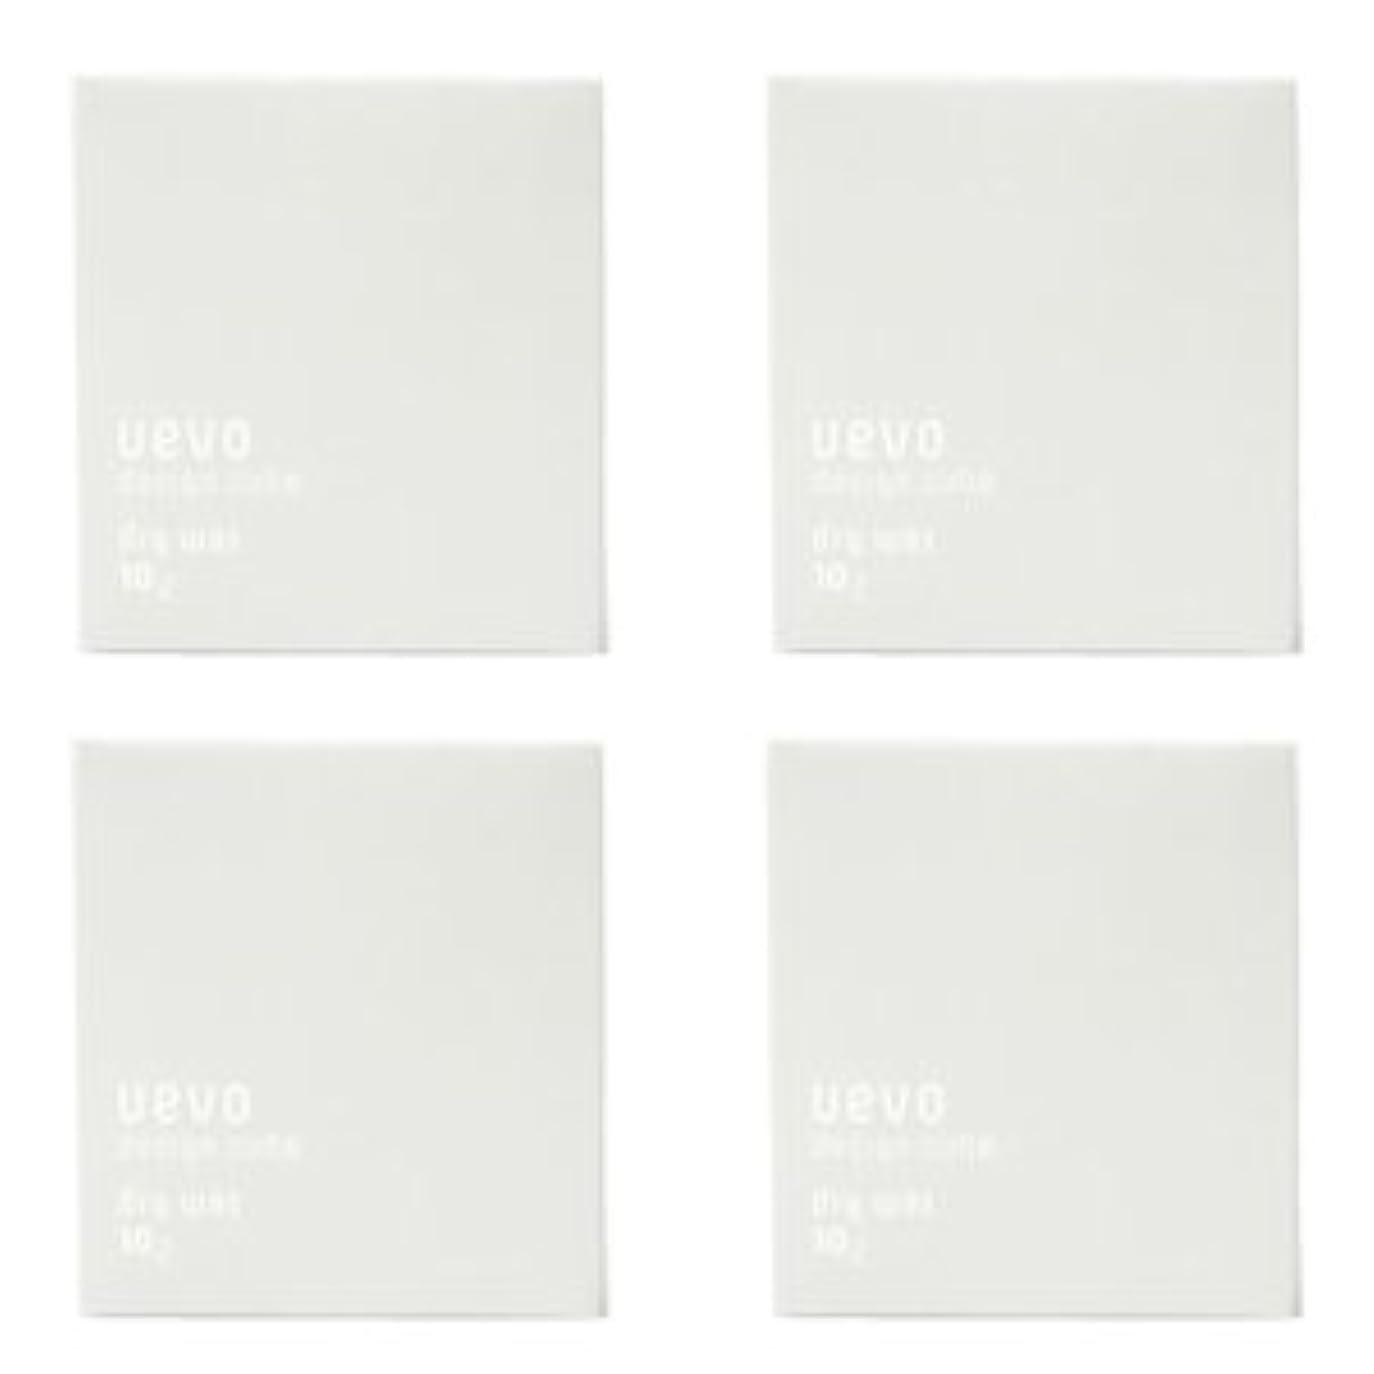 かどうか眉をひそめる執着【X4個セット】 デミ ウェーボ デザインキューブ ドライワックス 80g dry wax